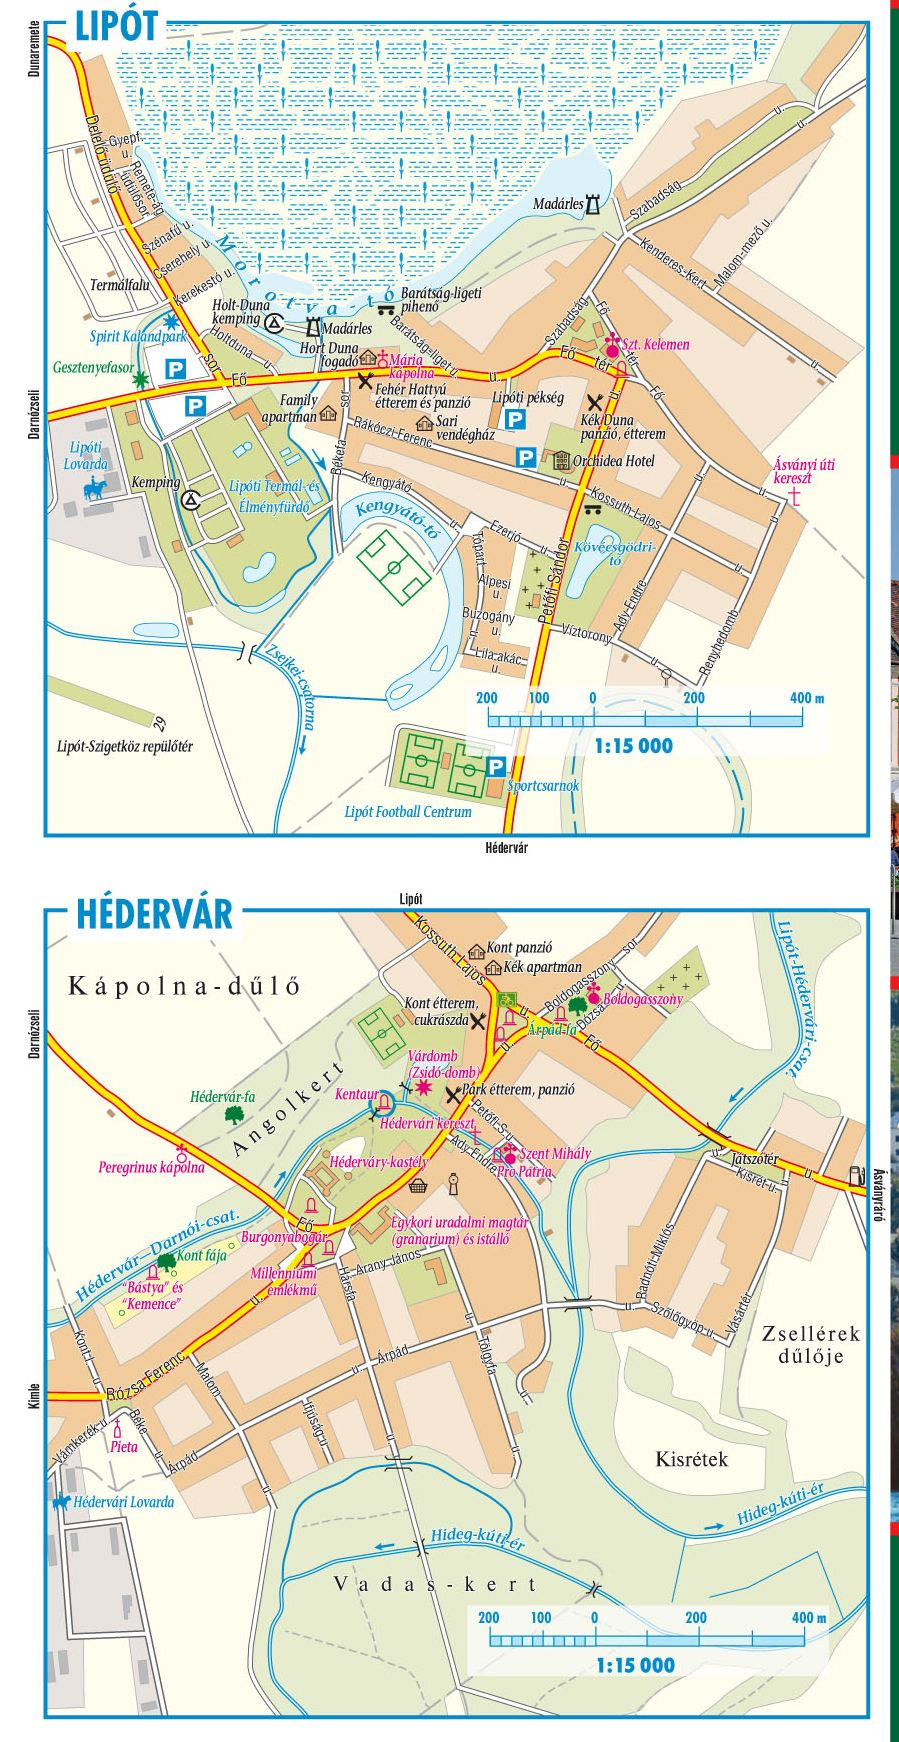 Lipót és Hédervár 1.15.000